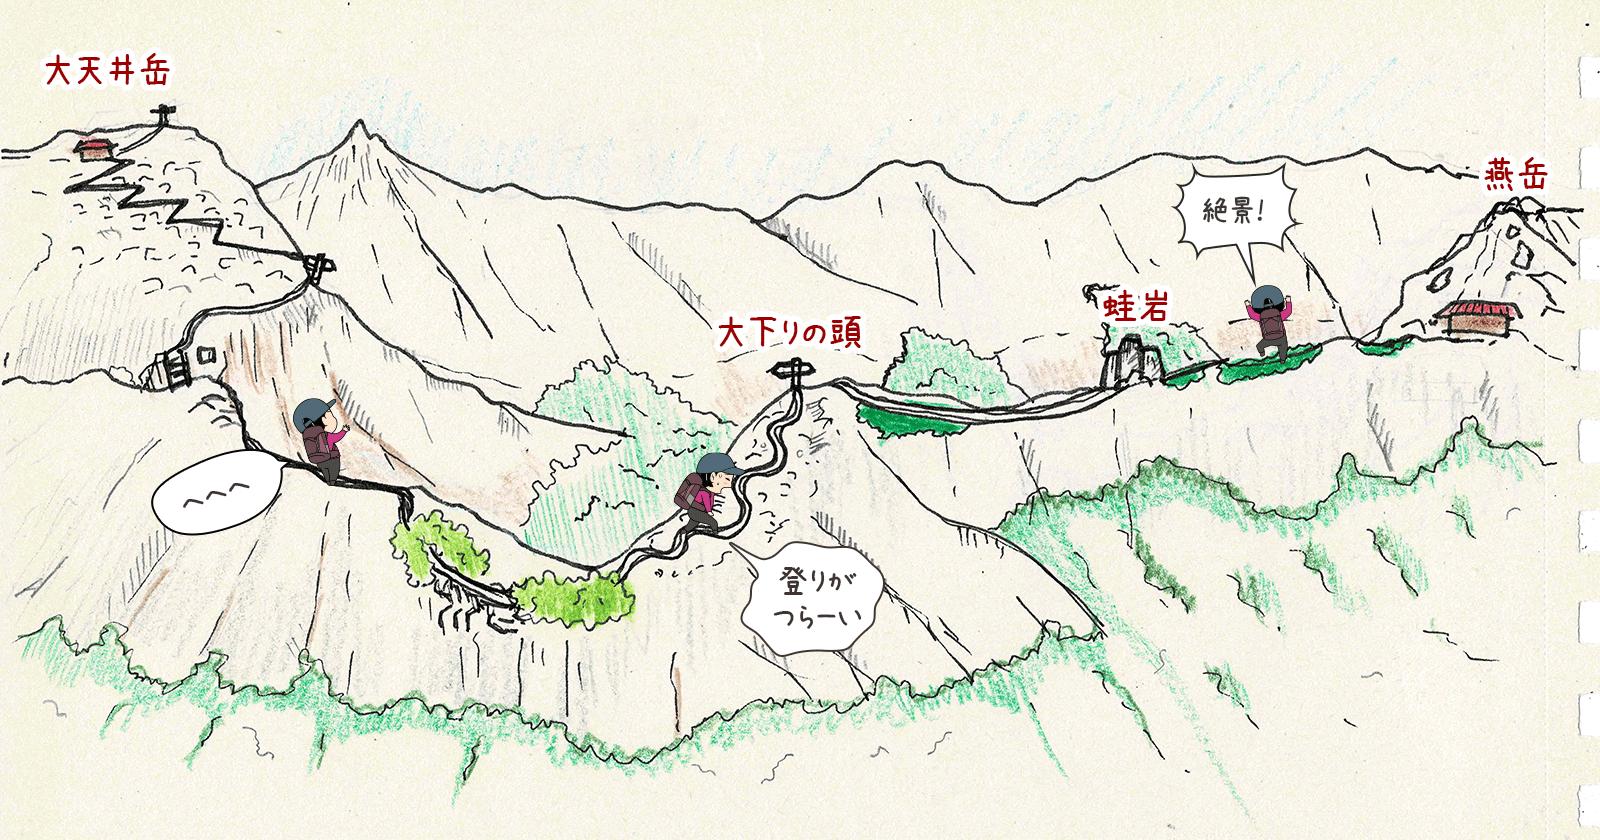 大天井岳から燕山荘までのイラストマップ